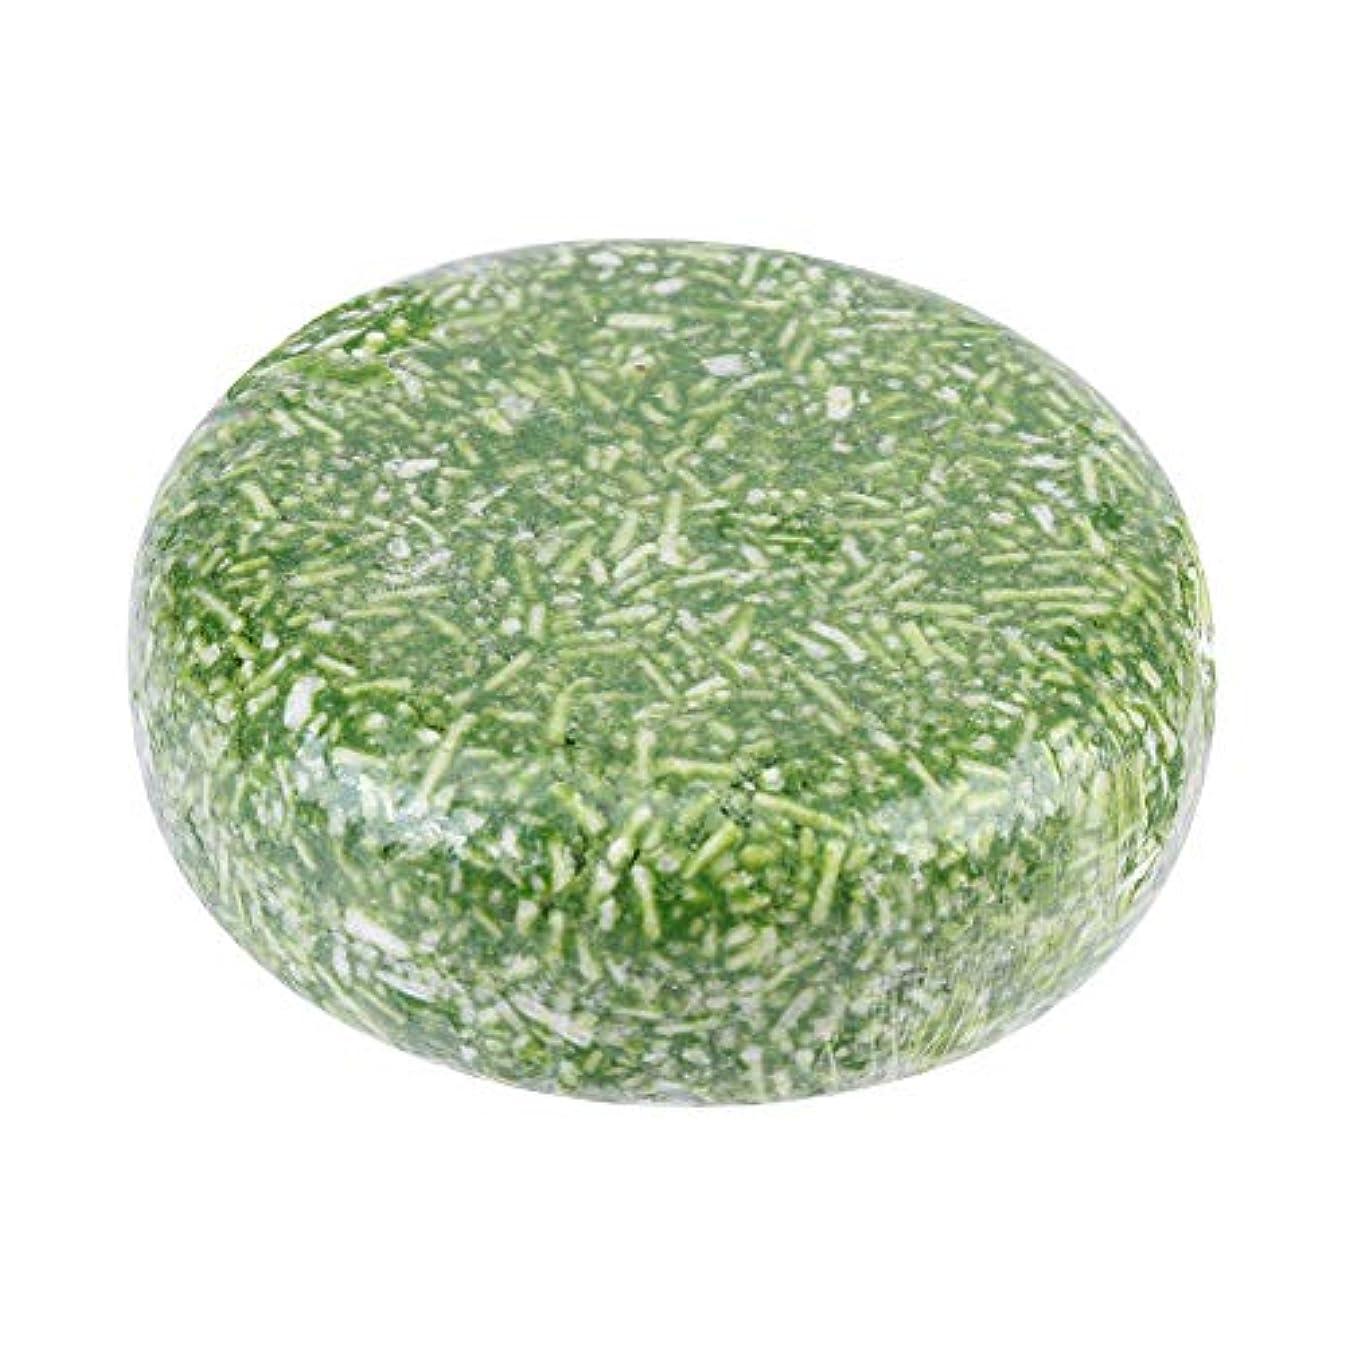 非難する賞賛するソースオーガニック手作り冷たいシナモンシャンプーバー100%ピュアヘアシャンプー(グリーン)